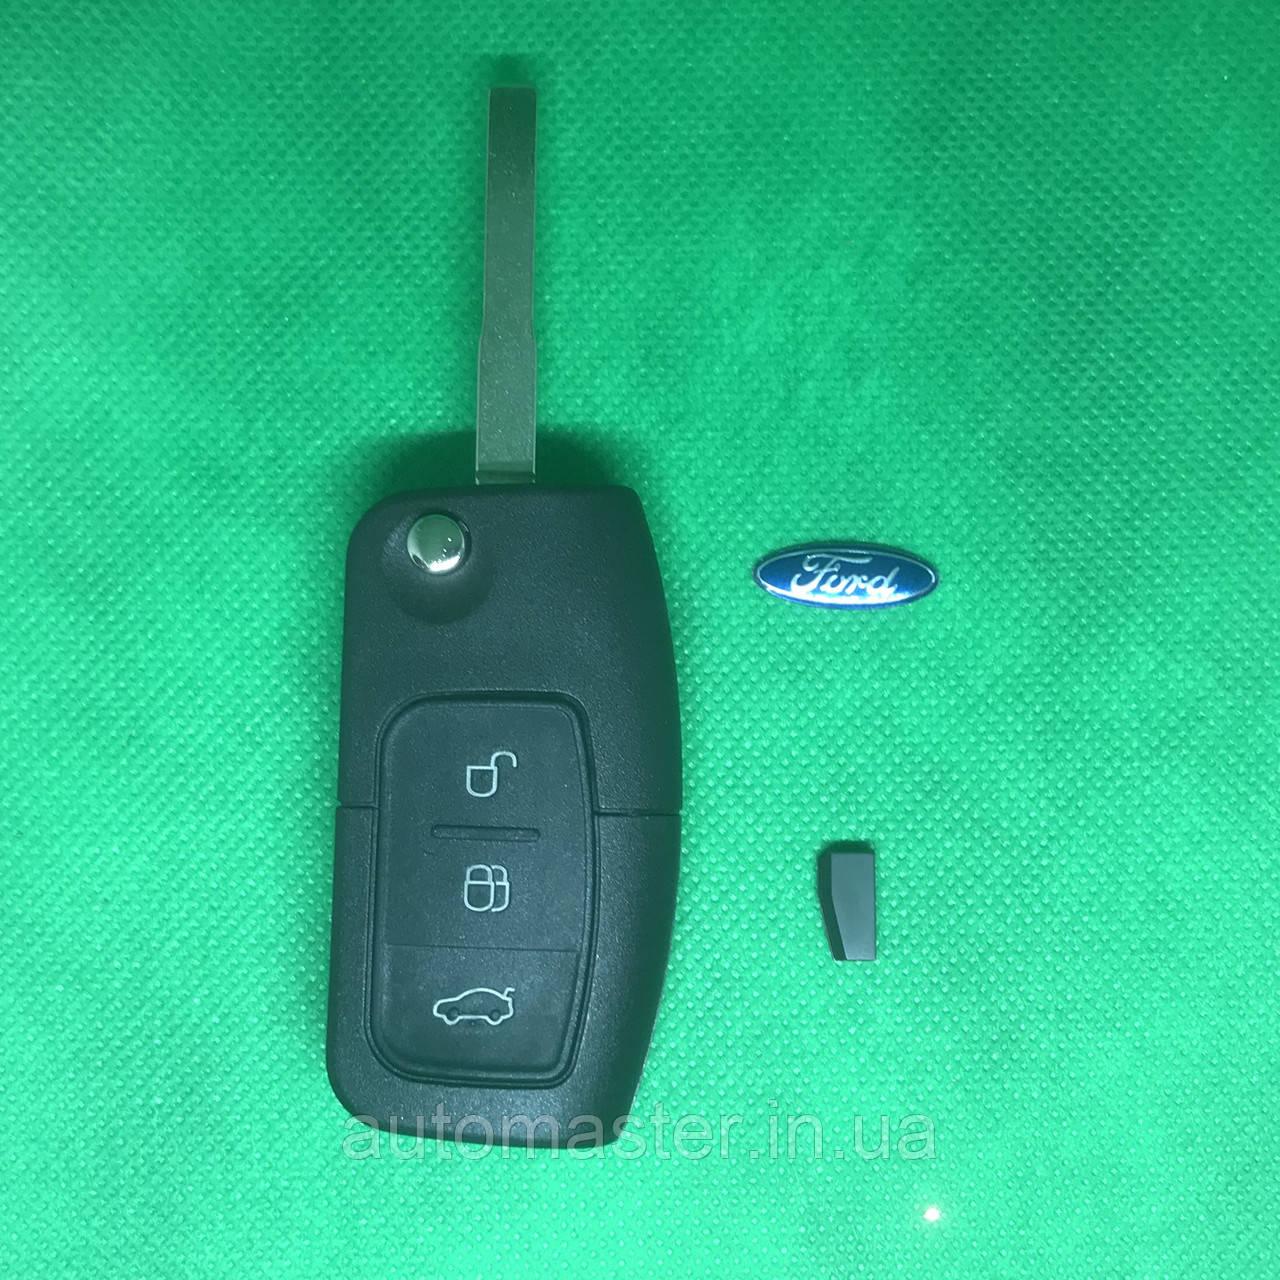 Ключ  Форд  Ford mondeo, focus выкидной 3 кнопки 433MHz чип 4D63  80 bit лезвие HU101